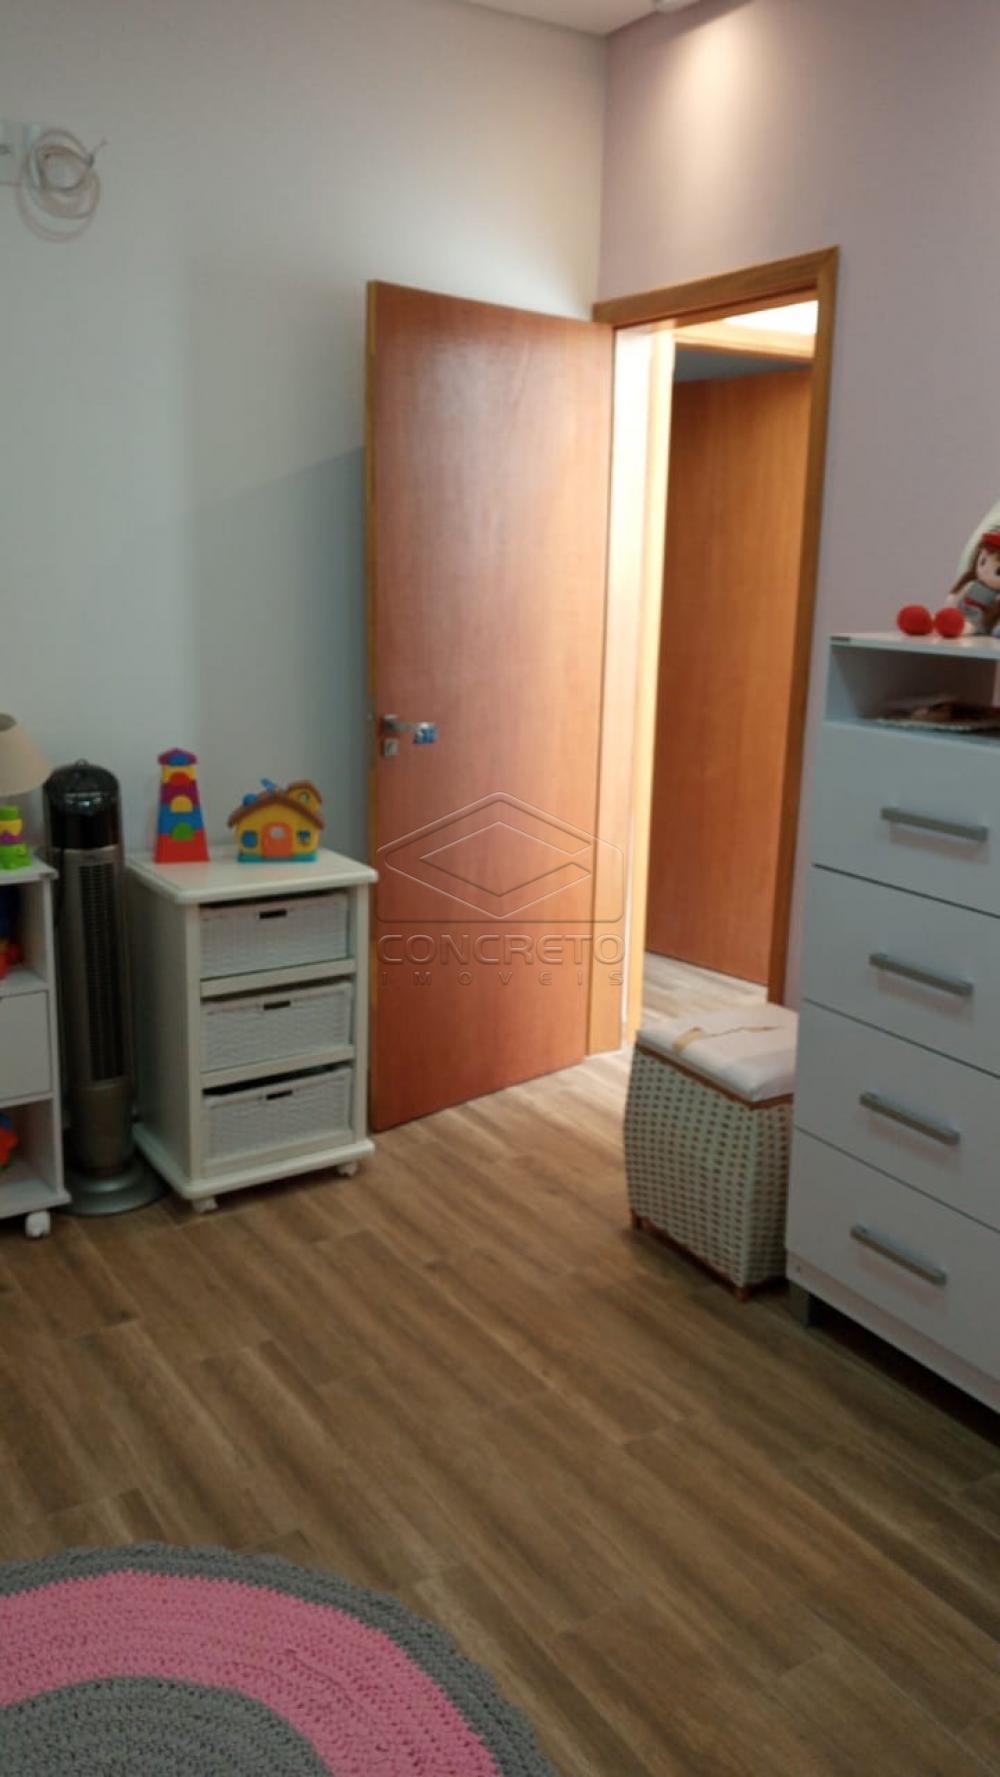 Comprar Casa / Padrão em Sao Manuel apenas R$ 650.000,00 - Foto 44